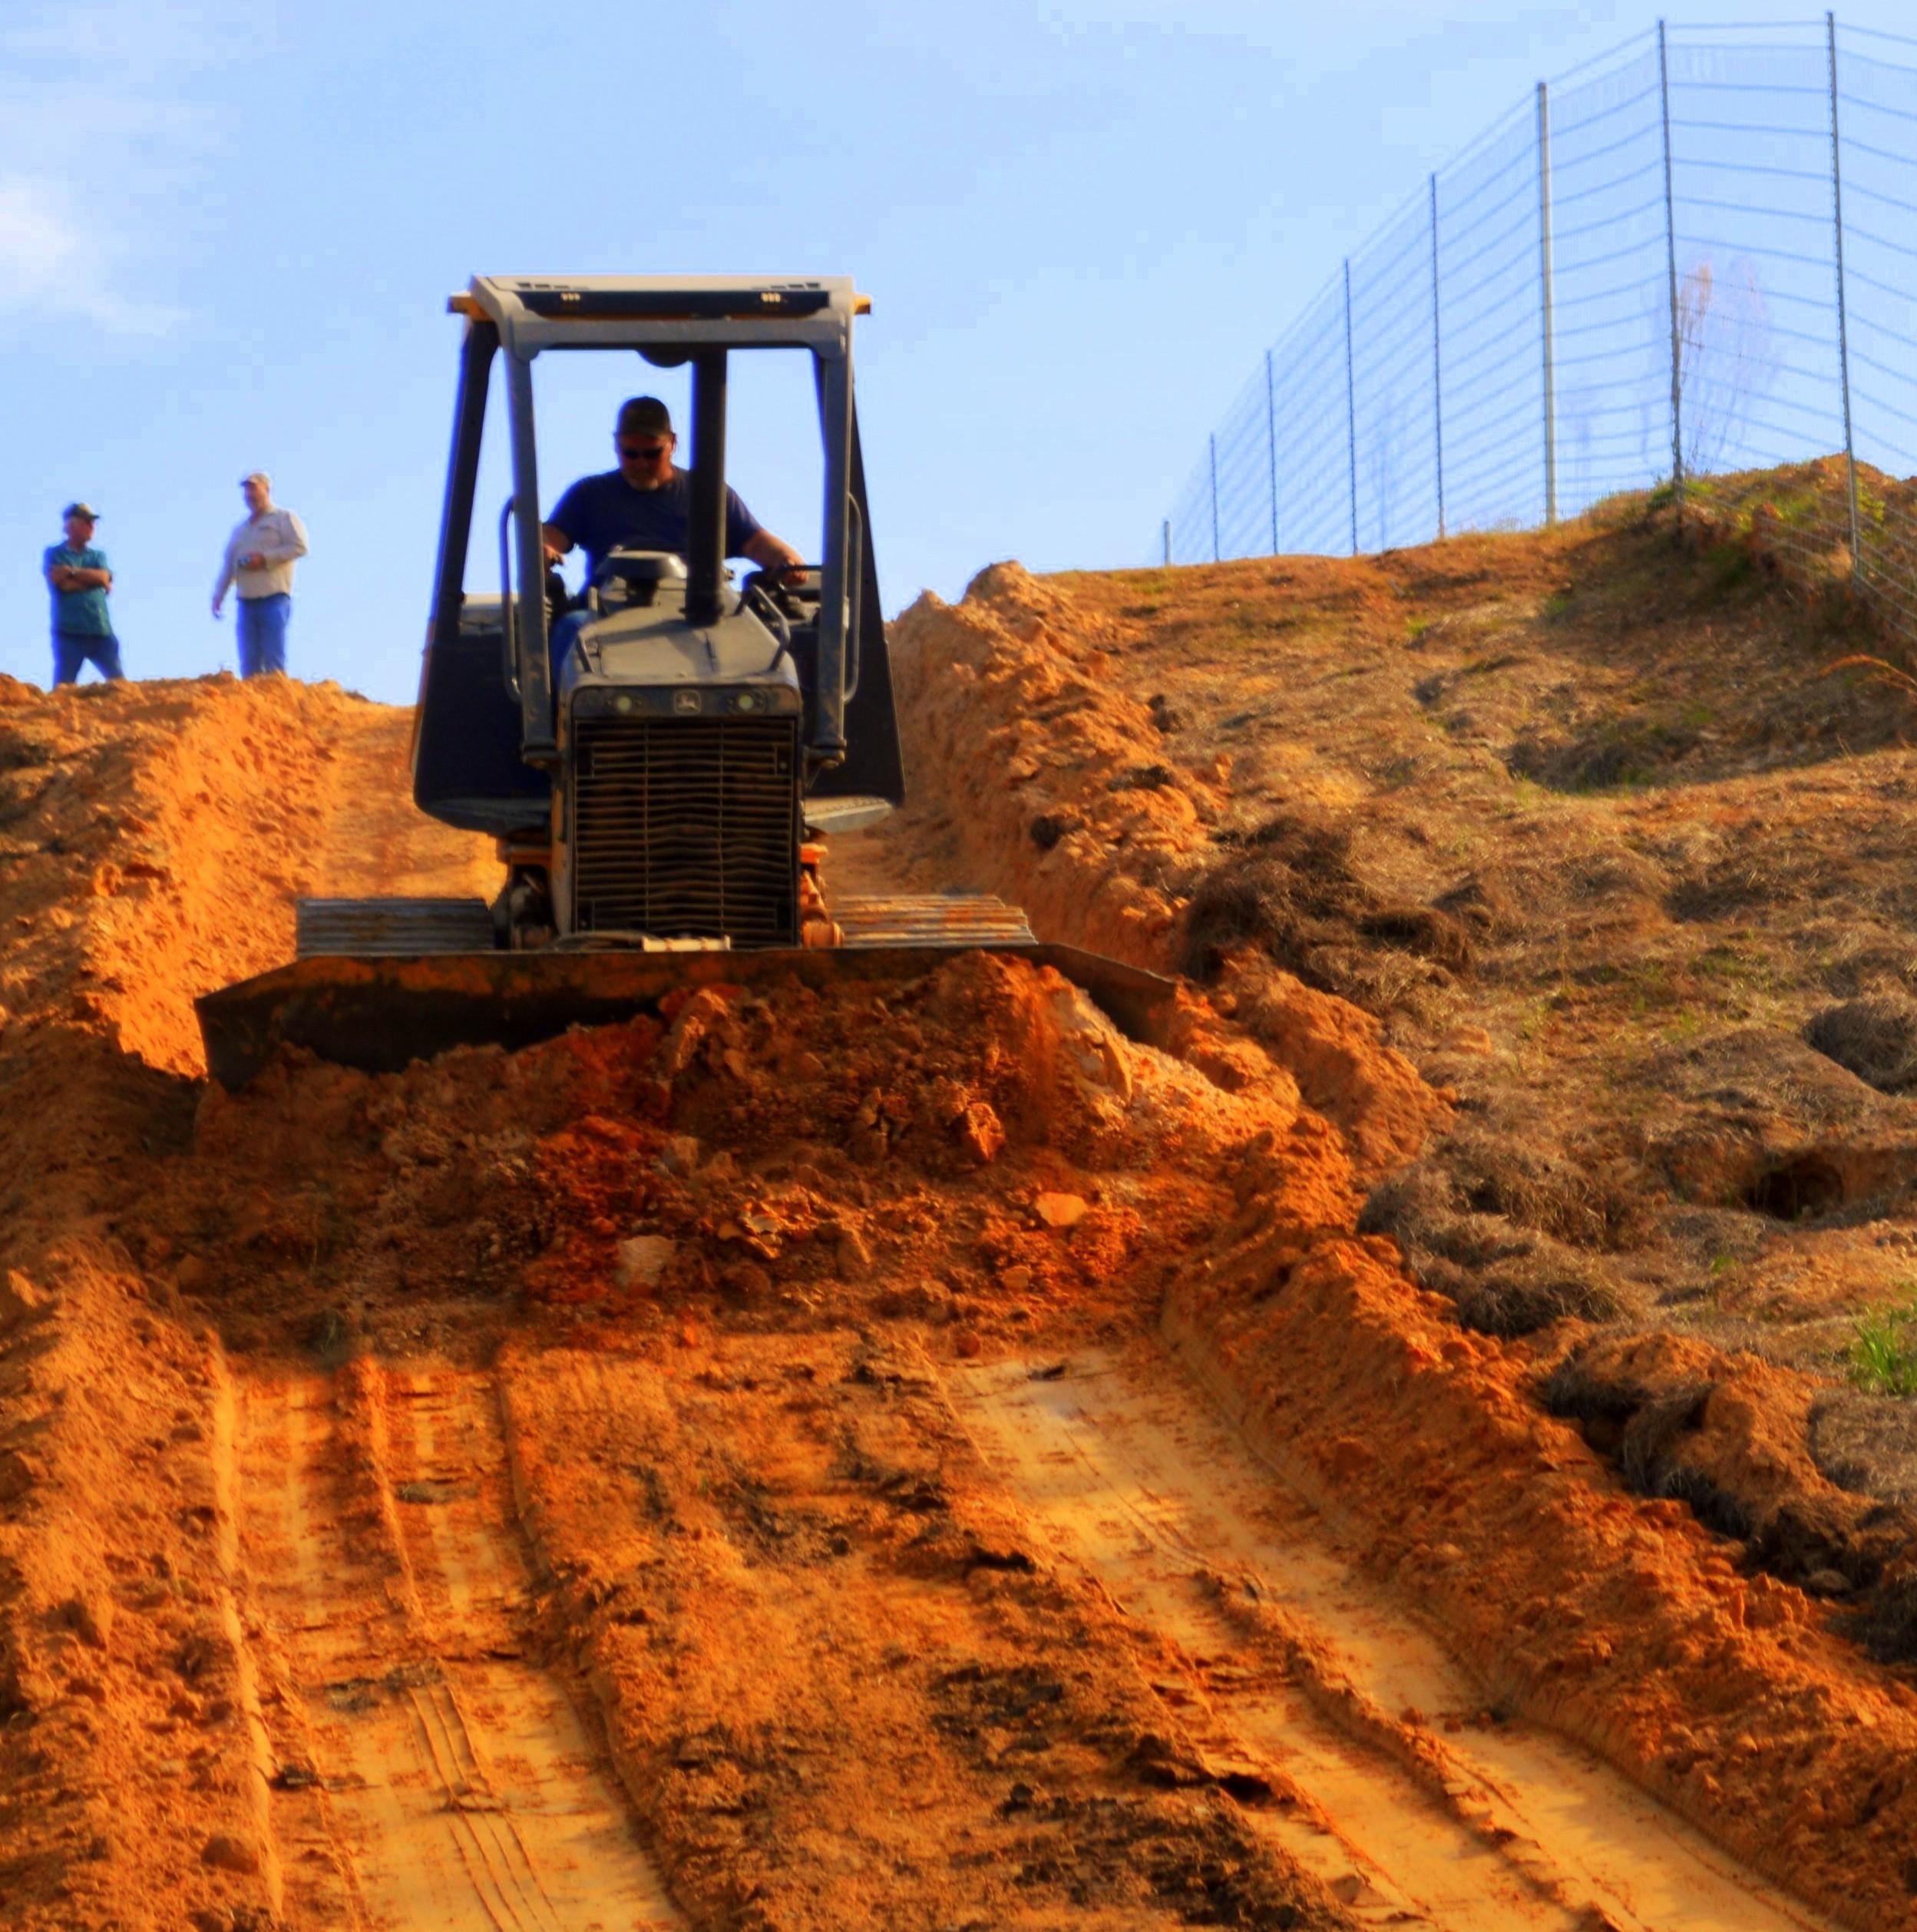 Grading roads in Camilla Cove